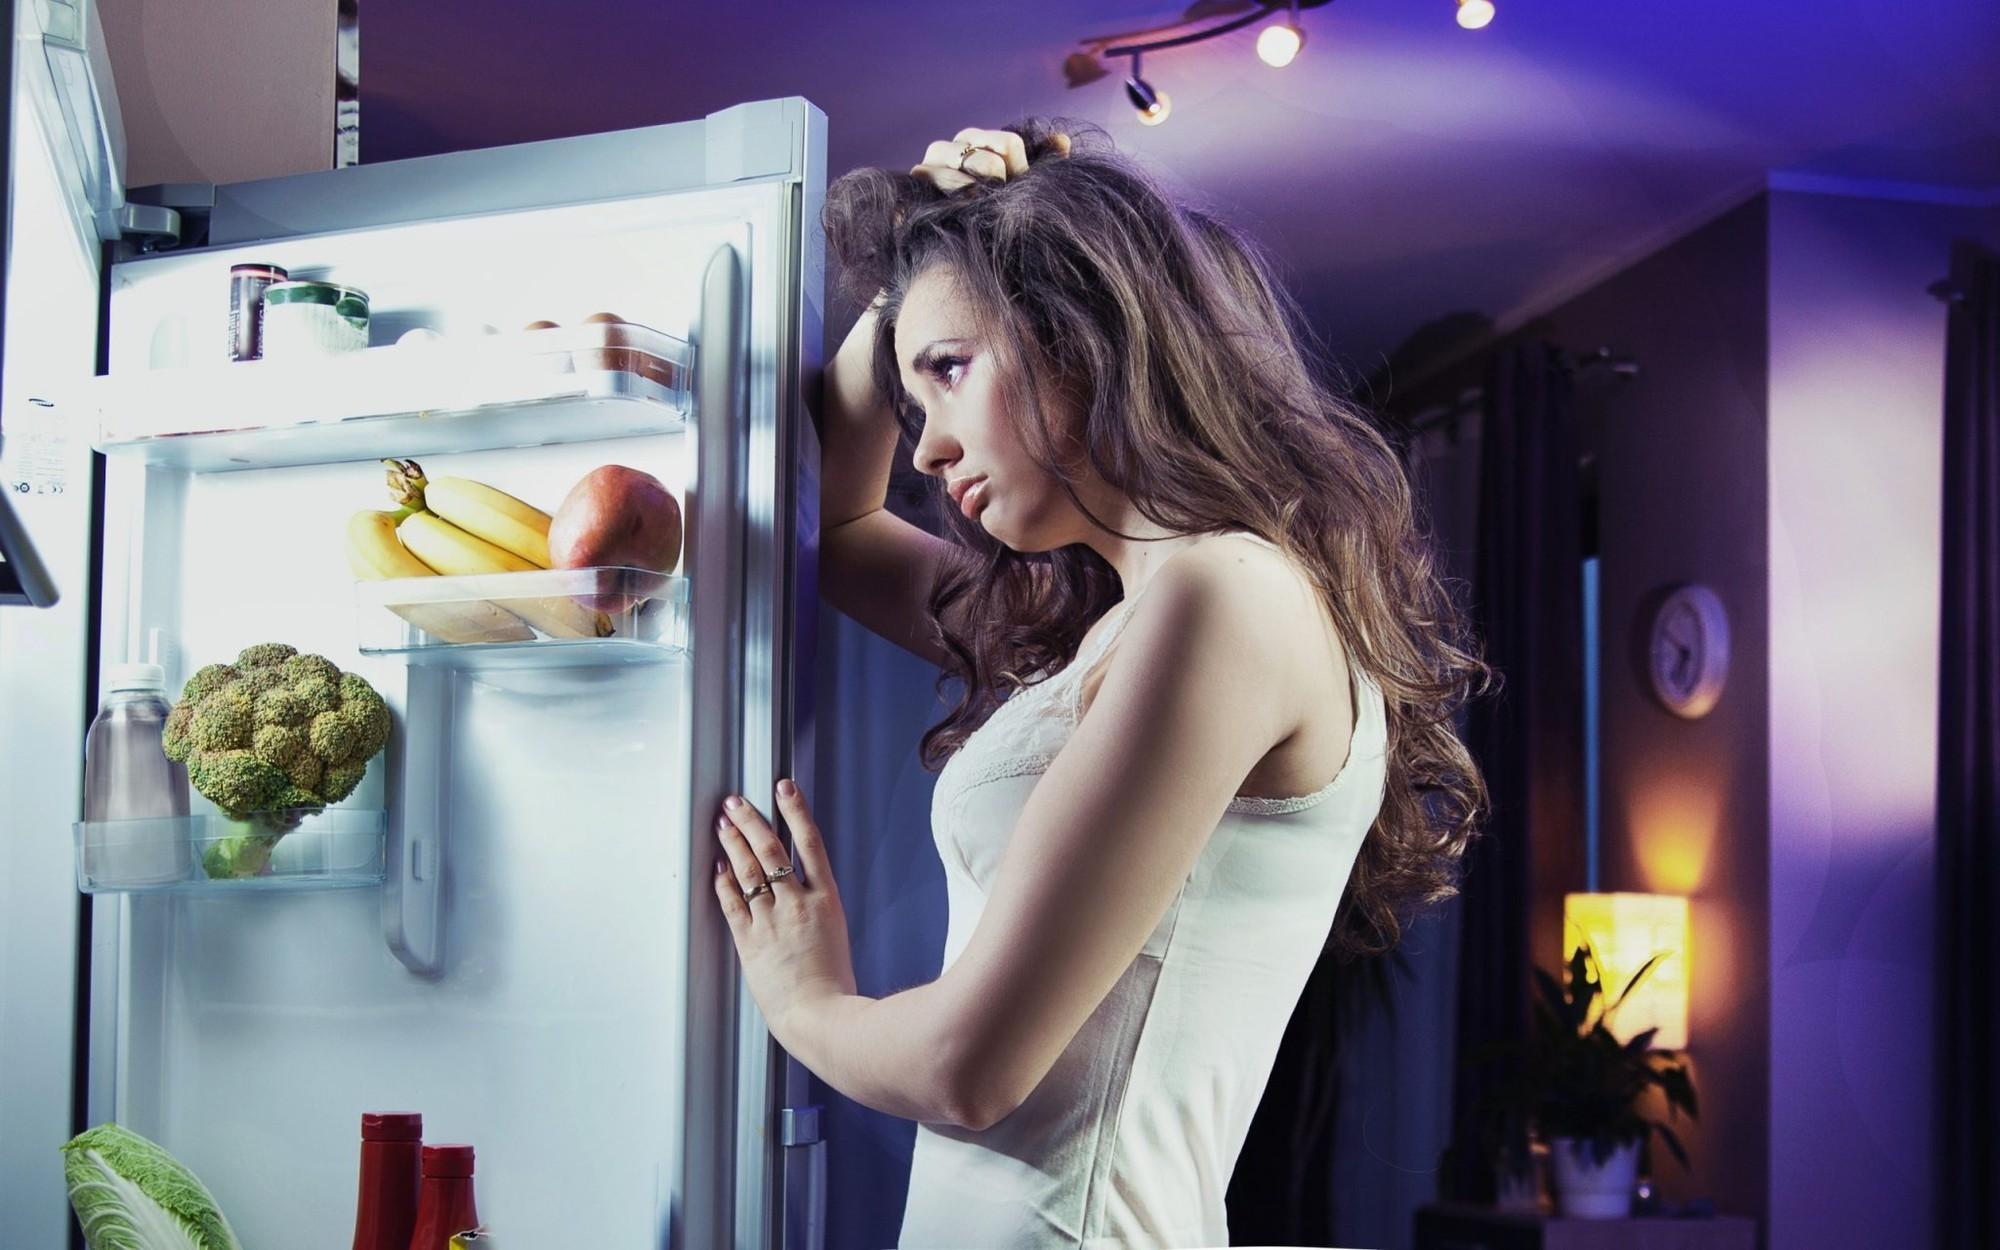 10 dấu hiệu cảnh báo sớm bệnh tiểu đường mà bạn không nên chủ quan bỏ qua - Ảnh 3.